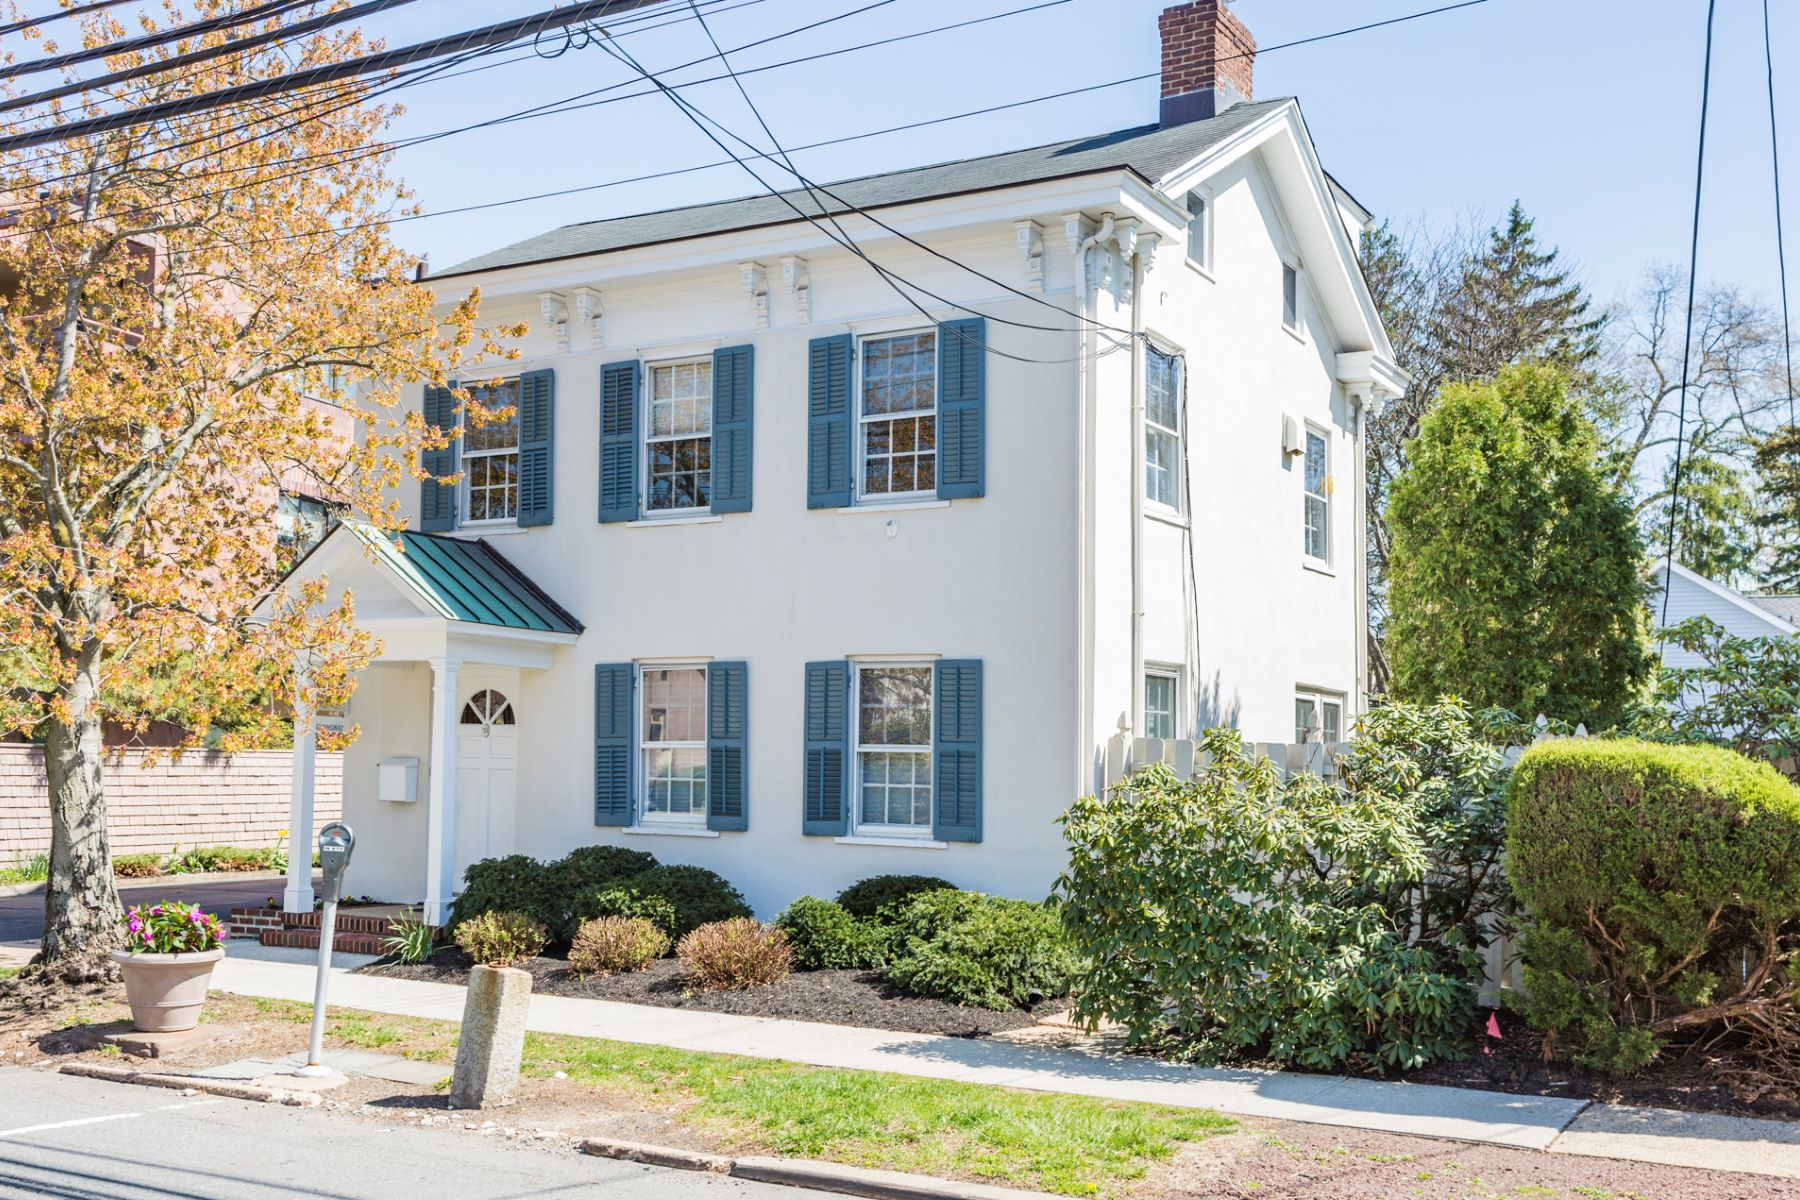 Maison unifamiliale pour l Vente à Work/Live with Beautiful Flexibility in Town 361 Nassau Street Princeton, New Jersey, 08540 États-Unis